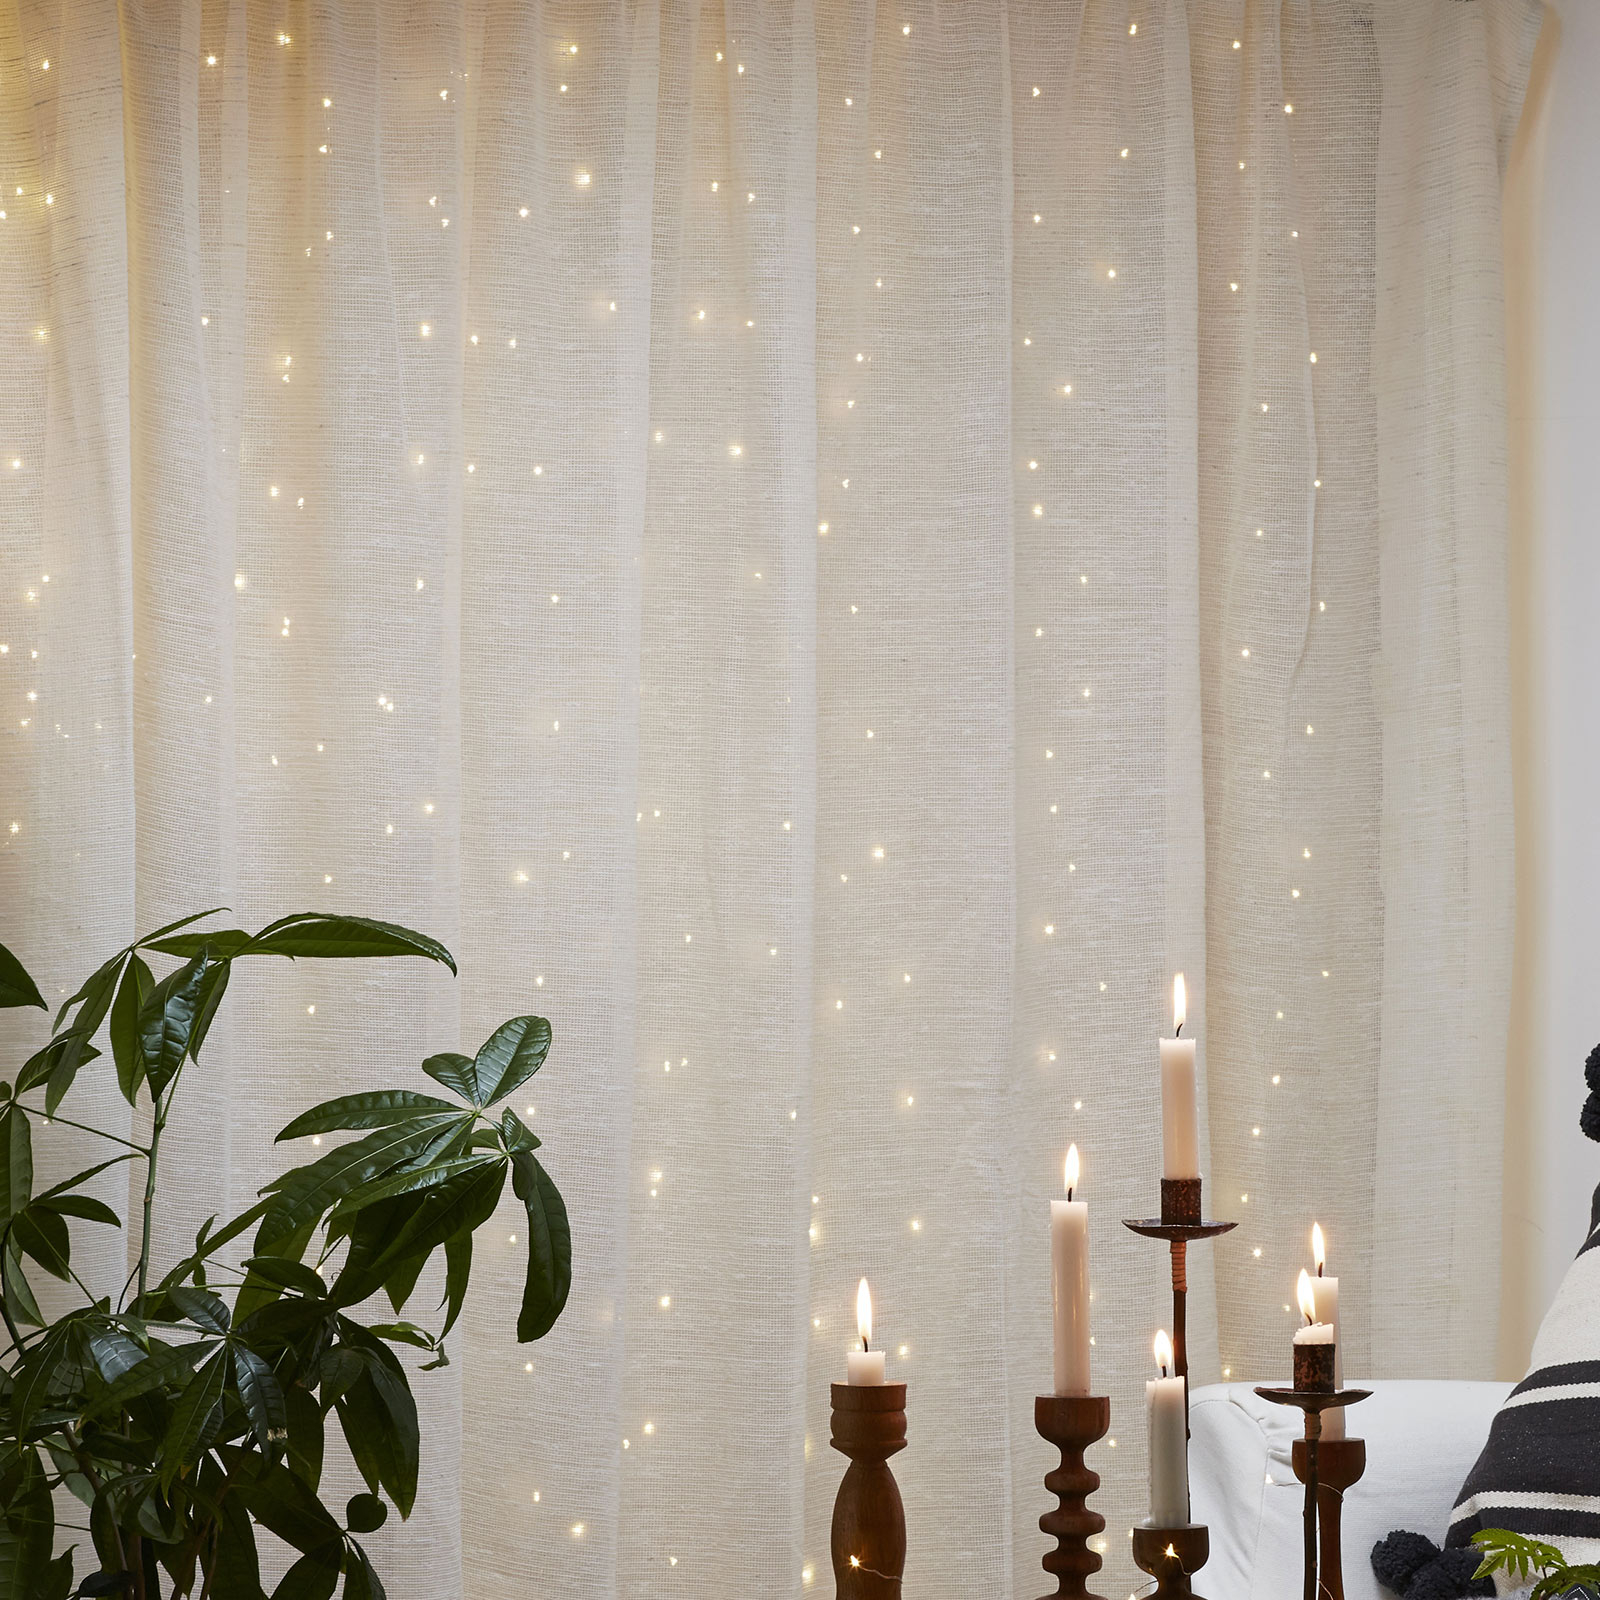 Kurtyna świetlna LED Dew Drops